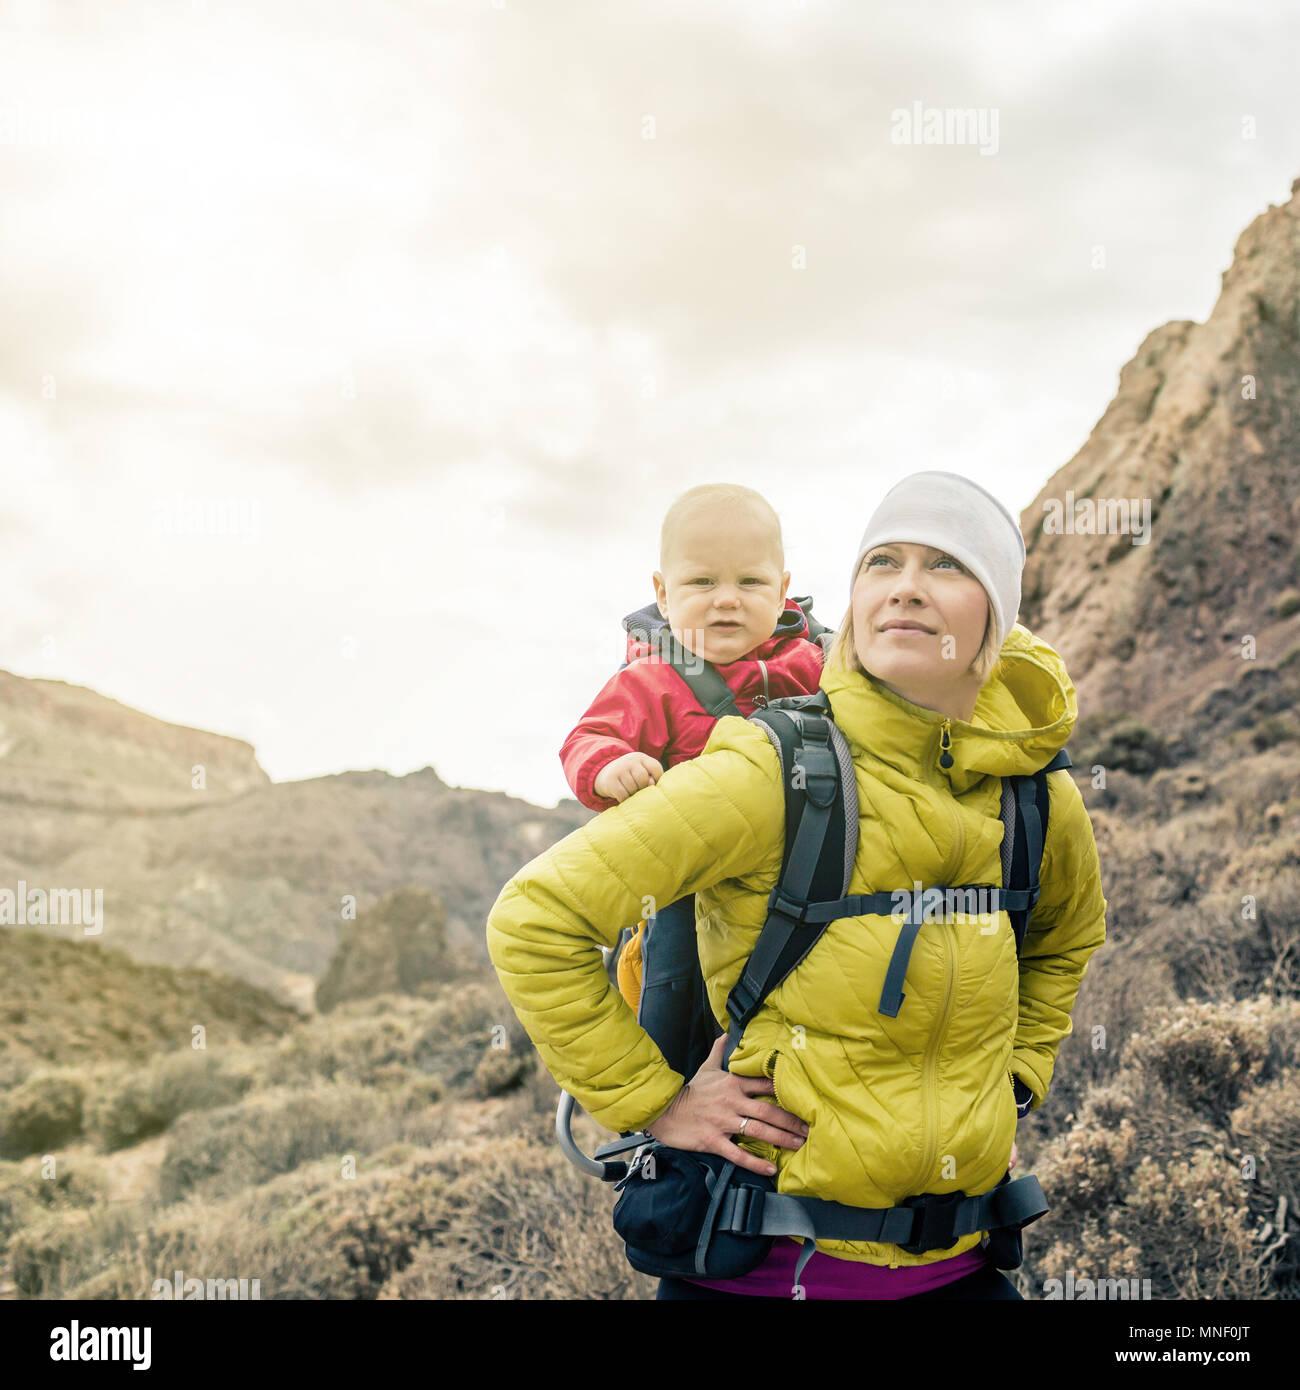 Mère de super-héros avec petit garçon voyager en sac à dos. Randonnées aventure avec enfant le voyage en famille dans les montagnes. Vacances voyage avec bébé carrie Photo Stock